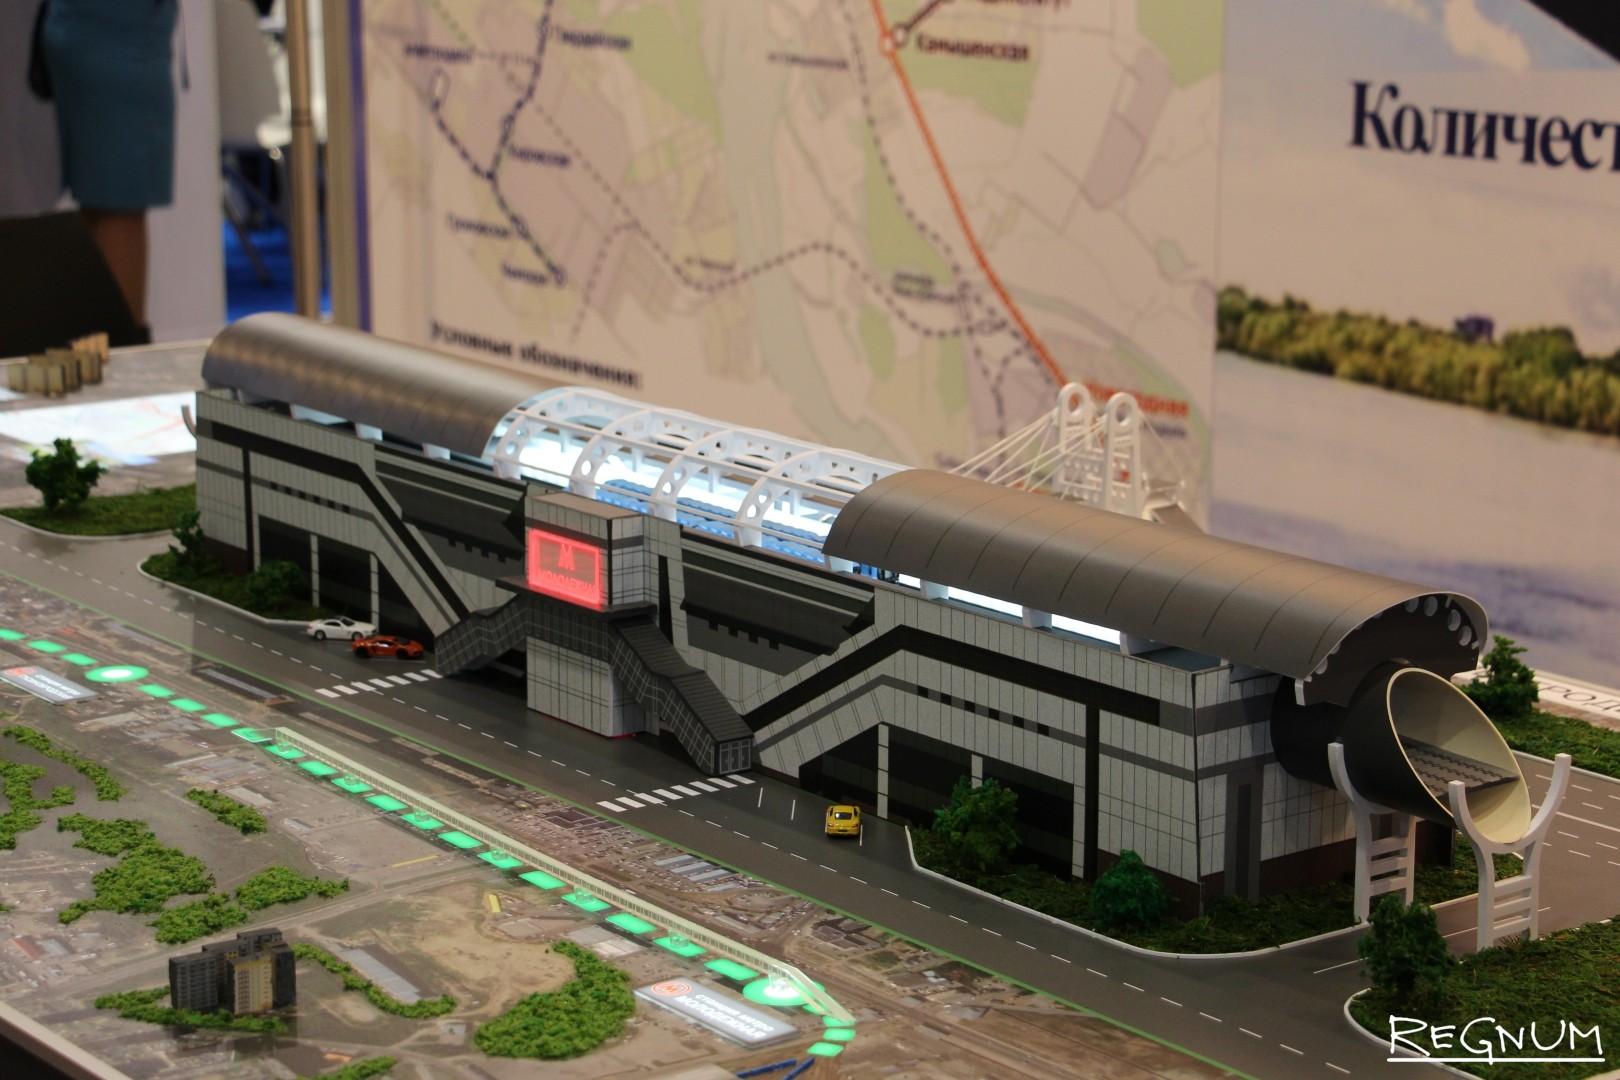 На выставке транспортно-логистических услуг, коммерческого транспорта и спецтехники в Новосибирске